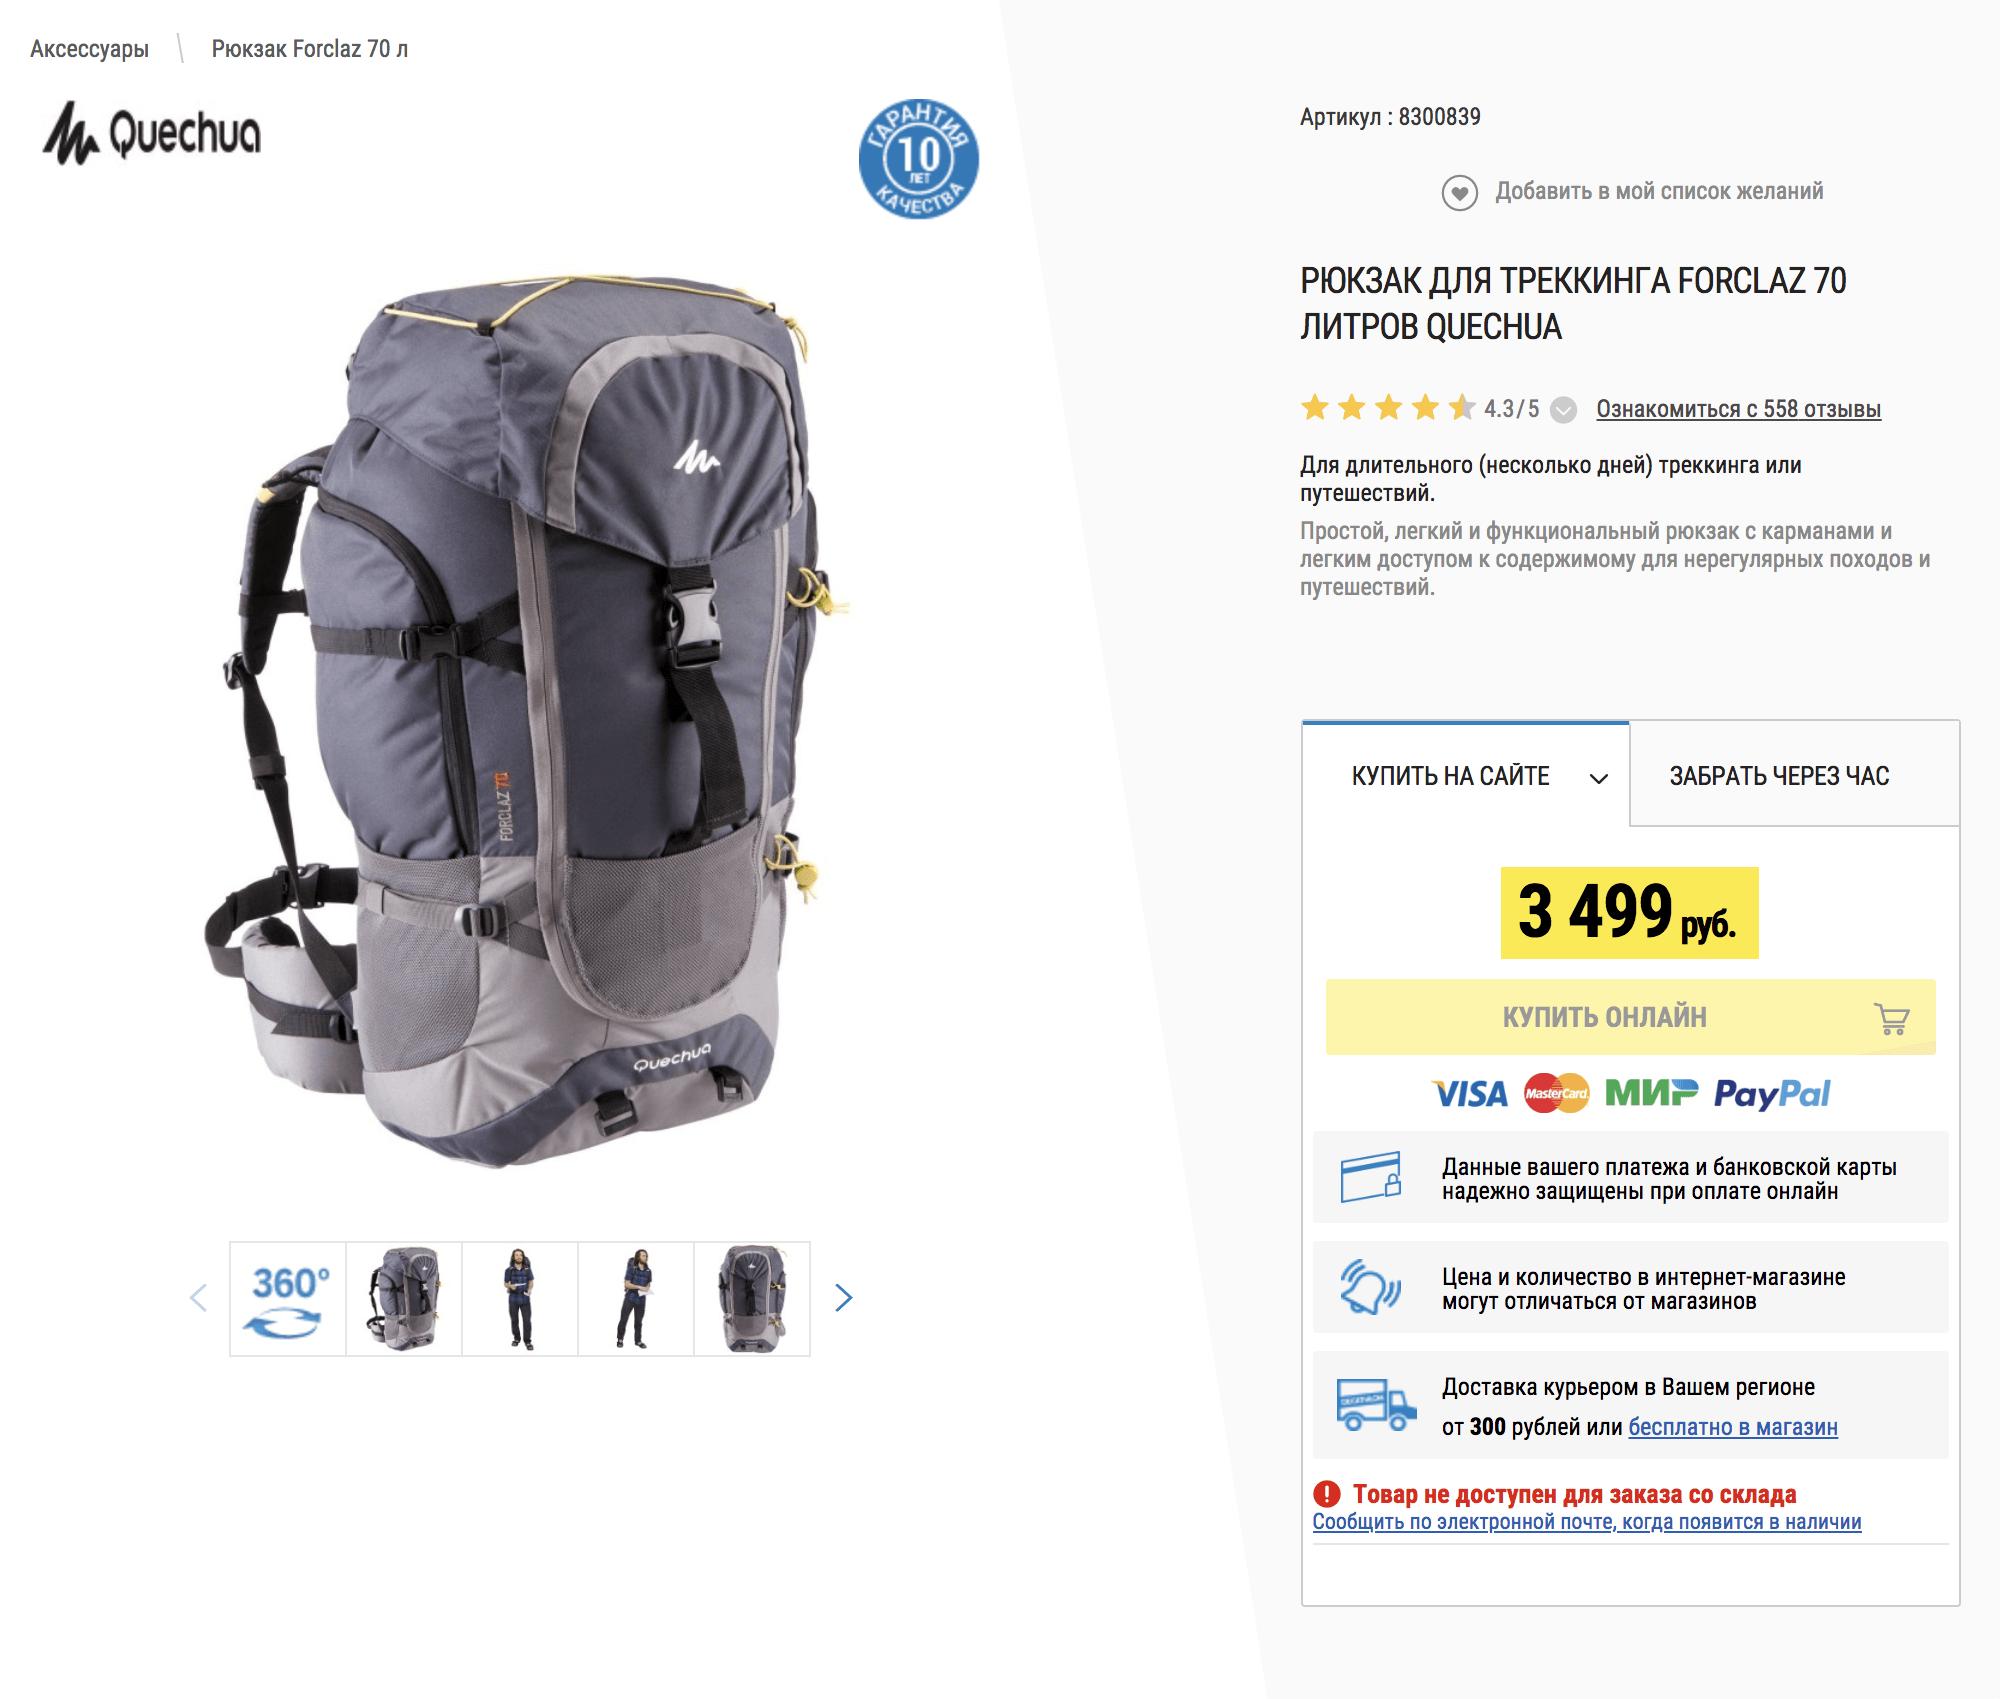 Я оба раза ходил в путь Святого Иакова с вот таким рюкзаком на 70 л. Источник: Decathlon